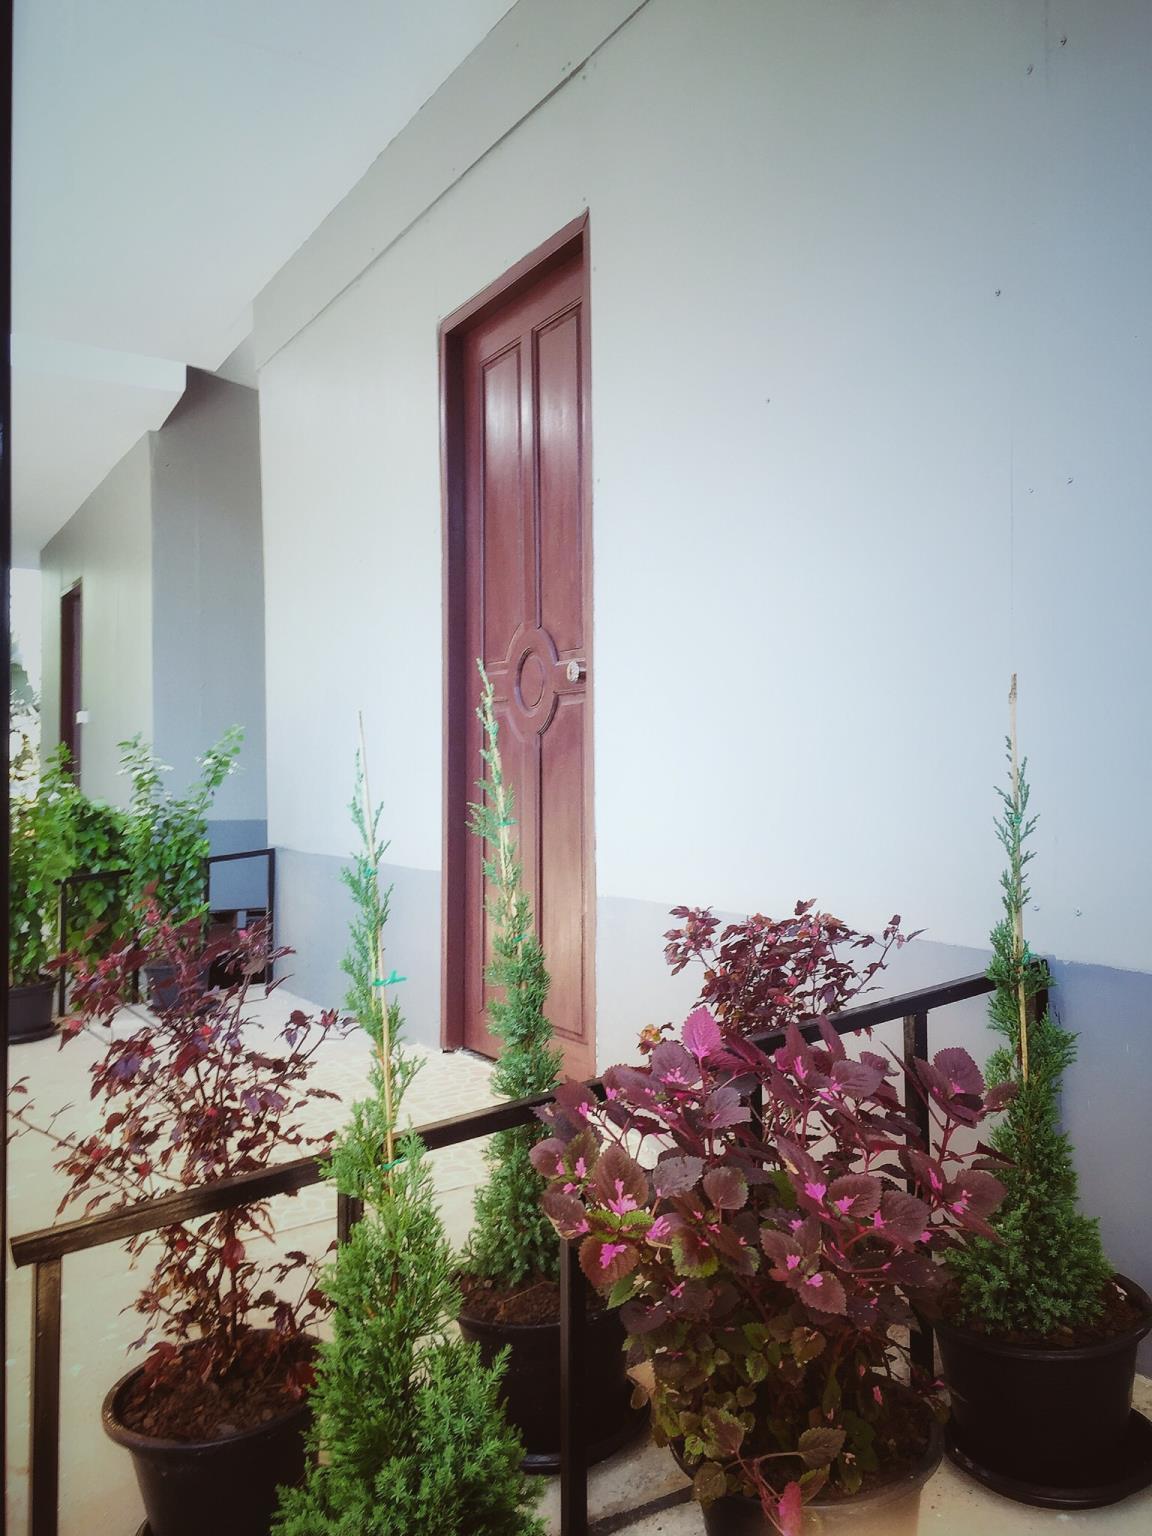 สตูดิโอ บ้าน 1 ห้องน้ำส่วนตัว ขนาด 13 ตร.ม. – สังขละบุรี